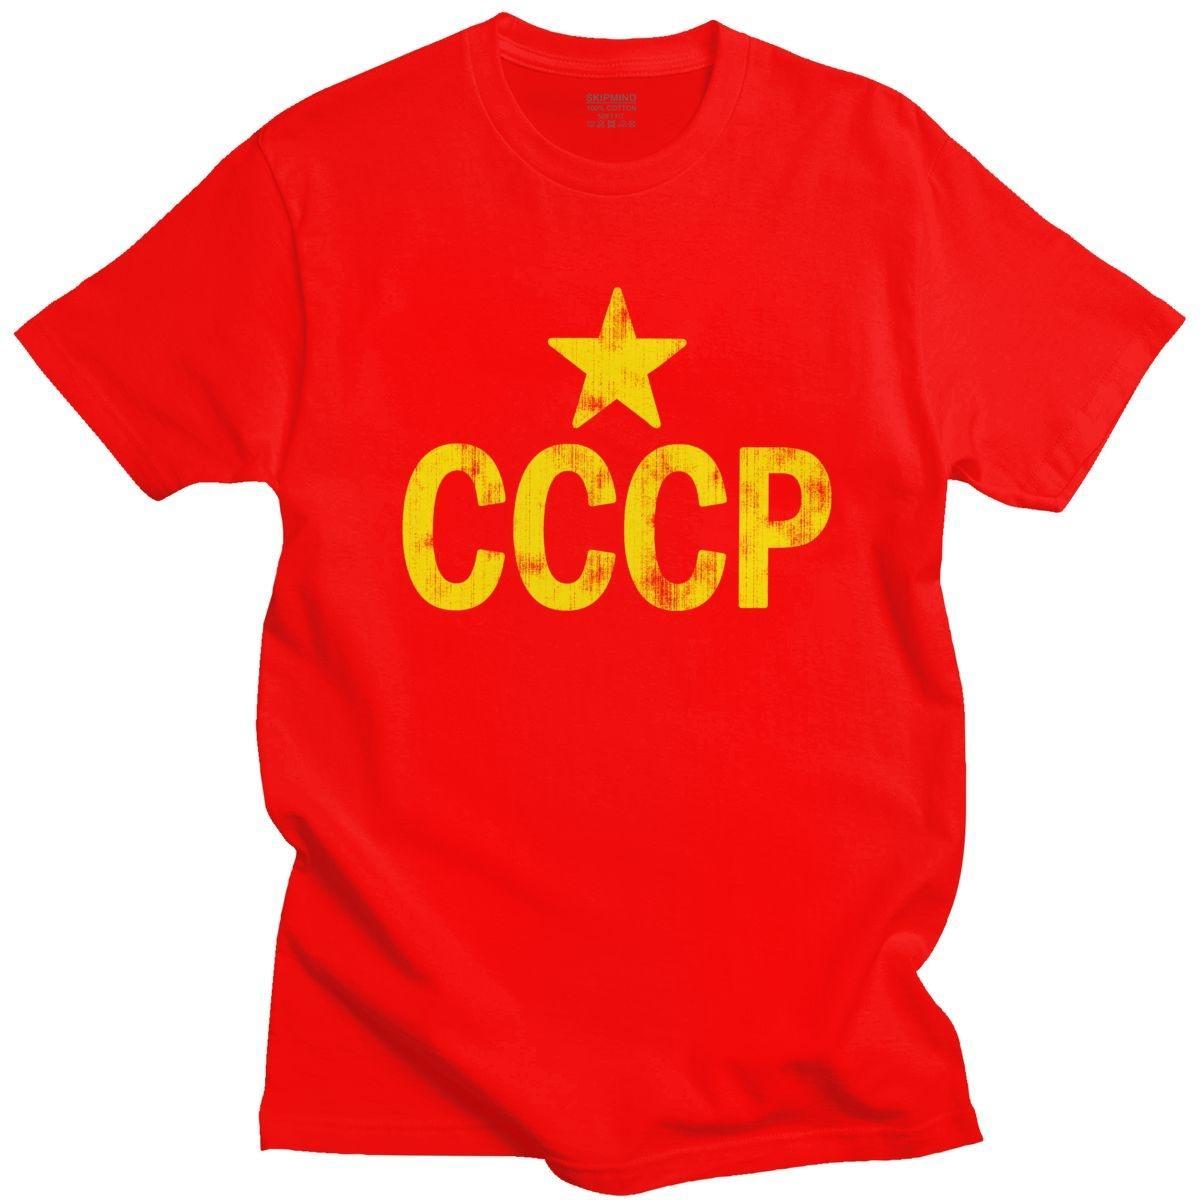 Grunge Sıkıntılı CCCP Tişört Erkekler Öncesi çökmüş Pamuk Yakışıklı Tişört Kısa Kollu SSCB Tişörtlü Sovyetler Birliği Yıldız Amblem Tee Hediye